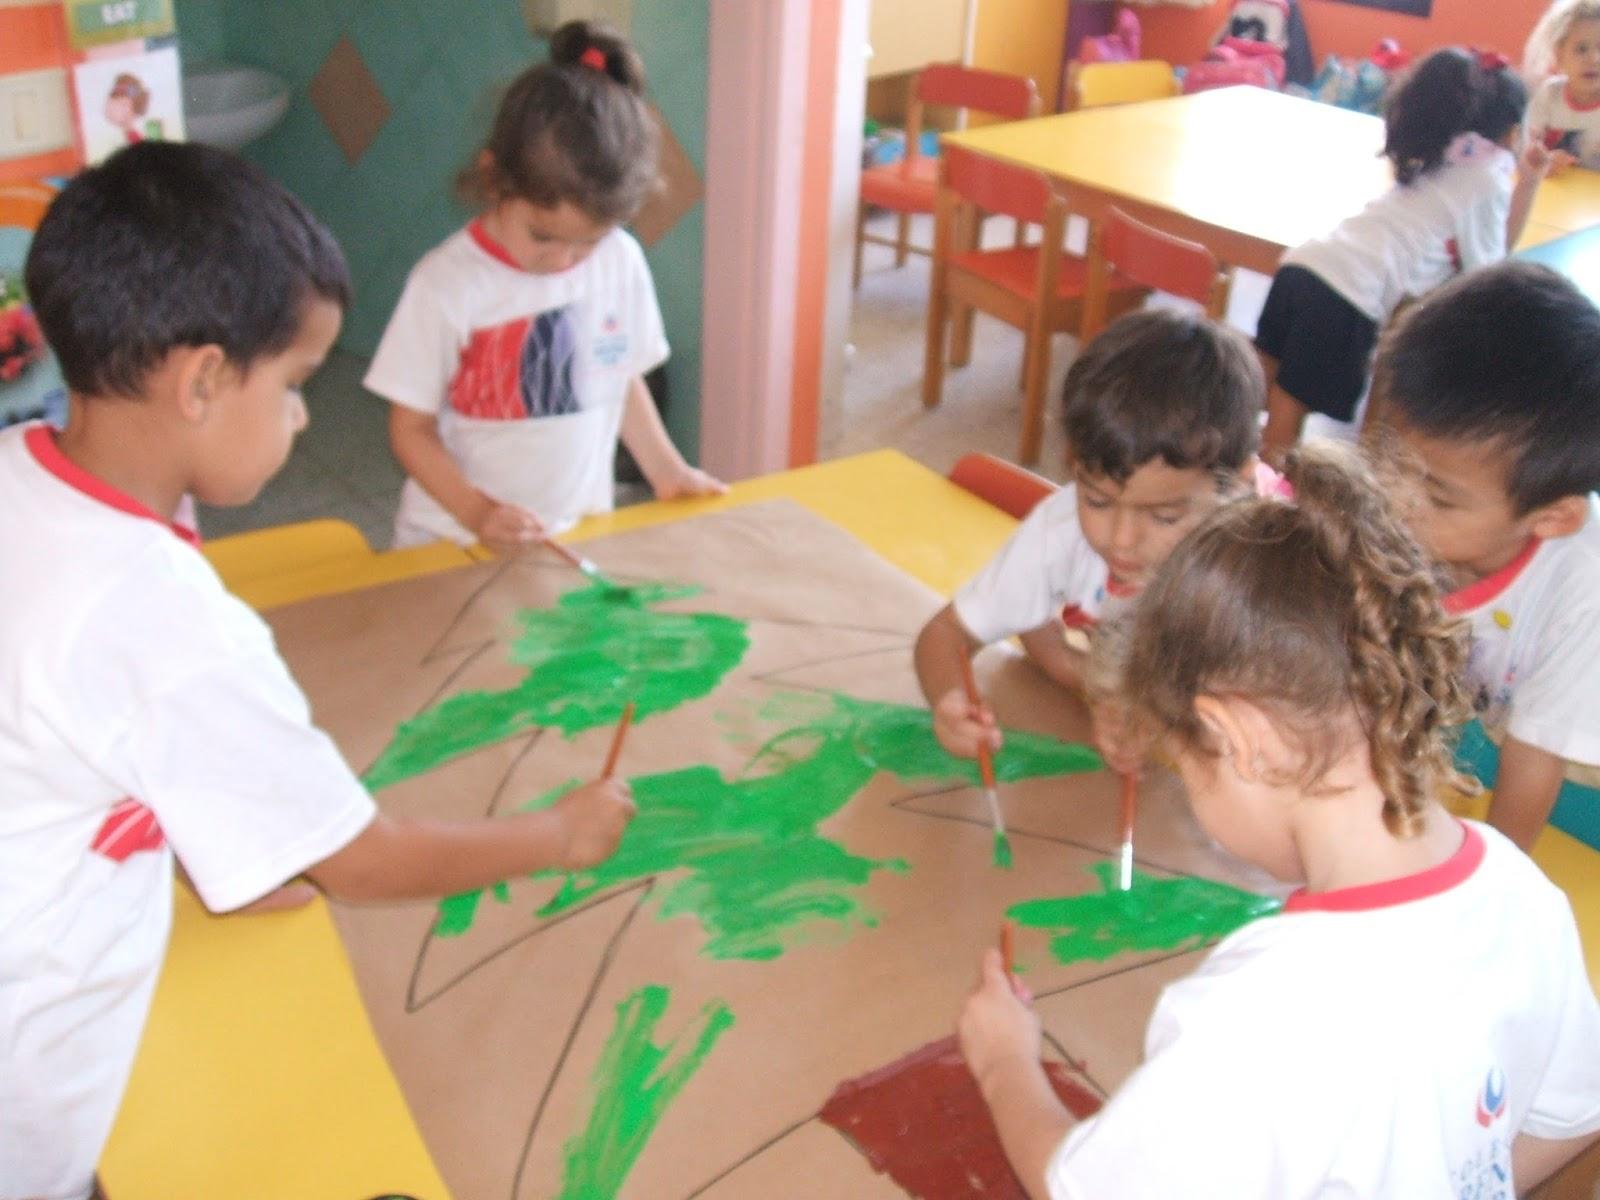 Trazos de colores decoraci n de navidad en las aulas de for Decoracion de aulas infantiles